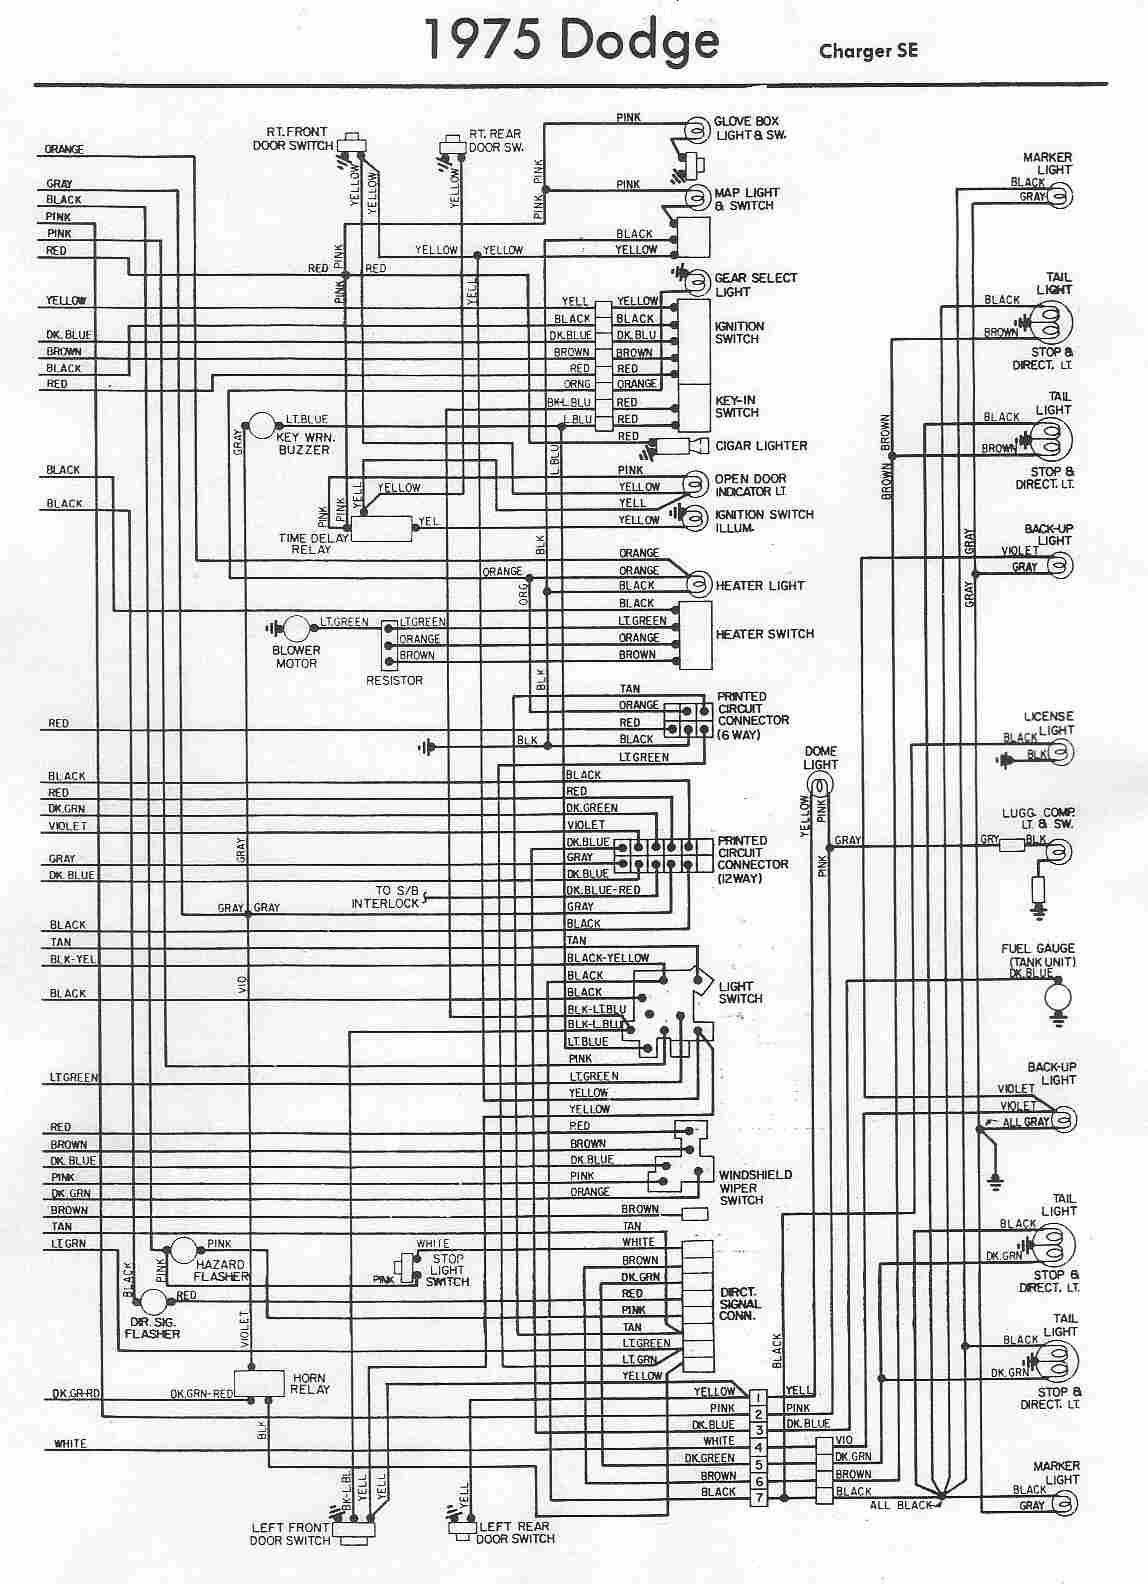 1953 Ford Car Turn Signal Wiring Diagram  Ford Car Turn Signal Wiring Diagram on 1950 ford turn signal wiring diagram, 1955 ford turn signal wiring diagram, 1956 ford turn signal wiring diagram, 1951 ford turn signal wiring diagram,